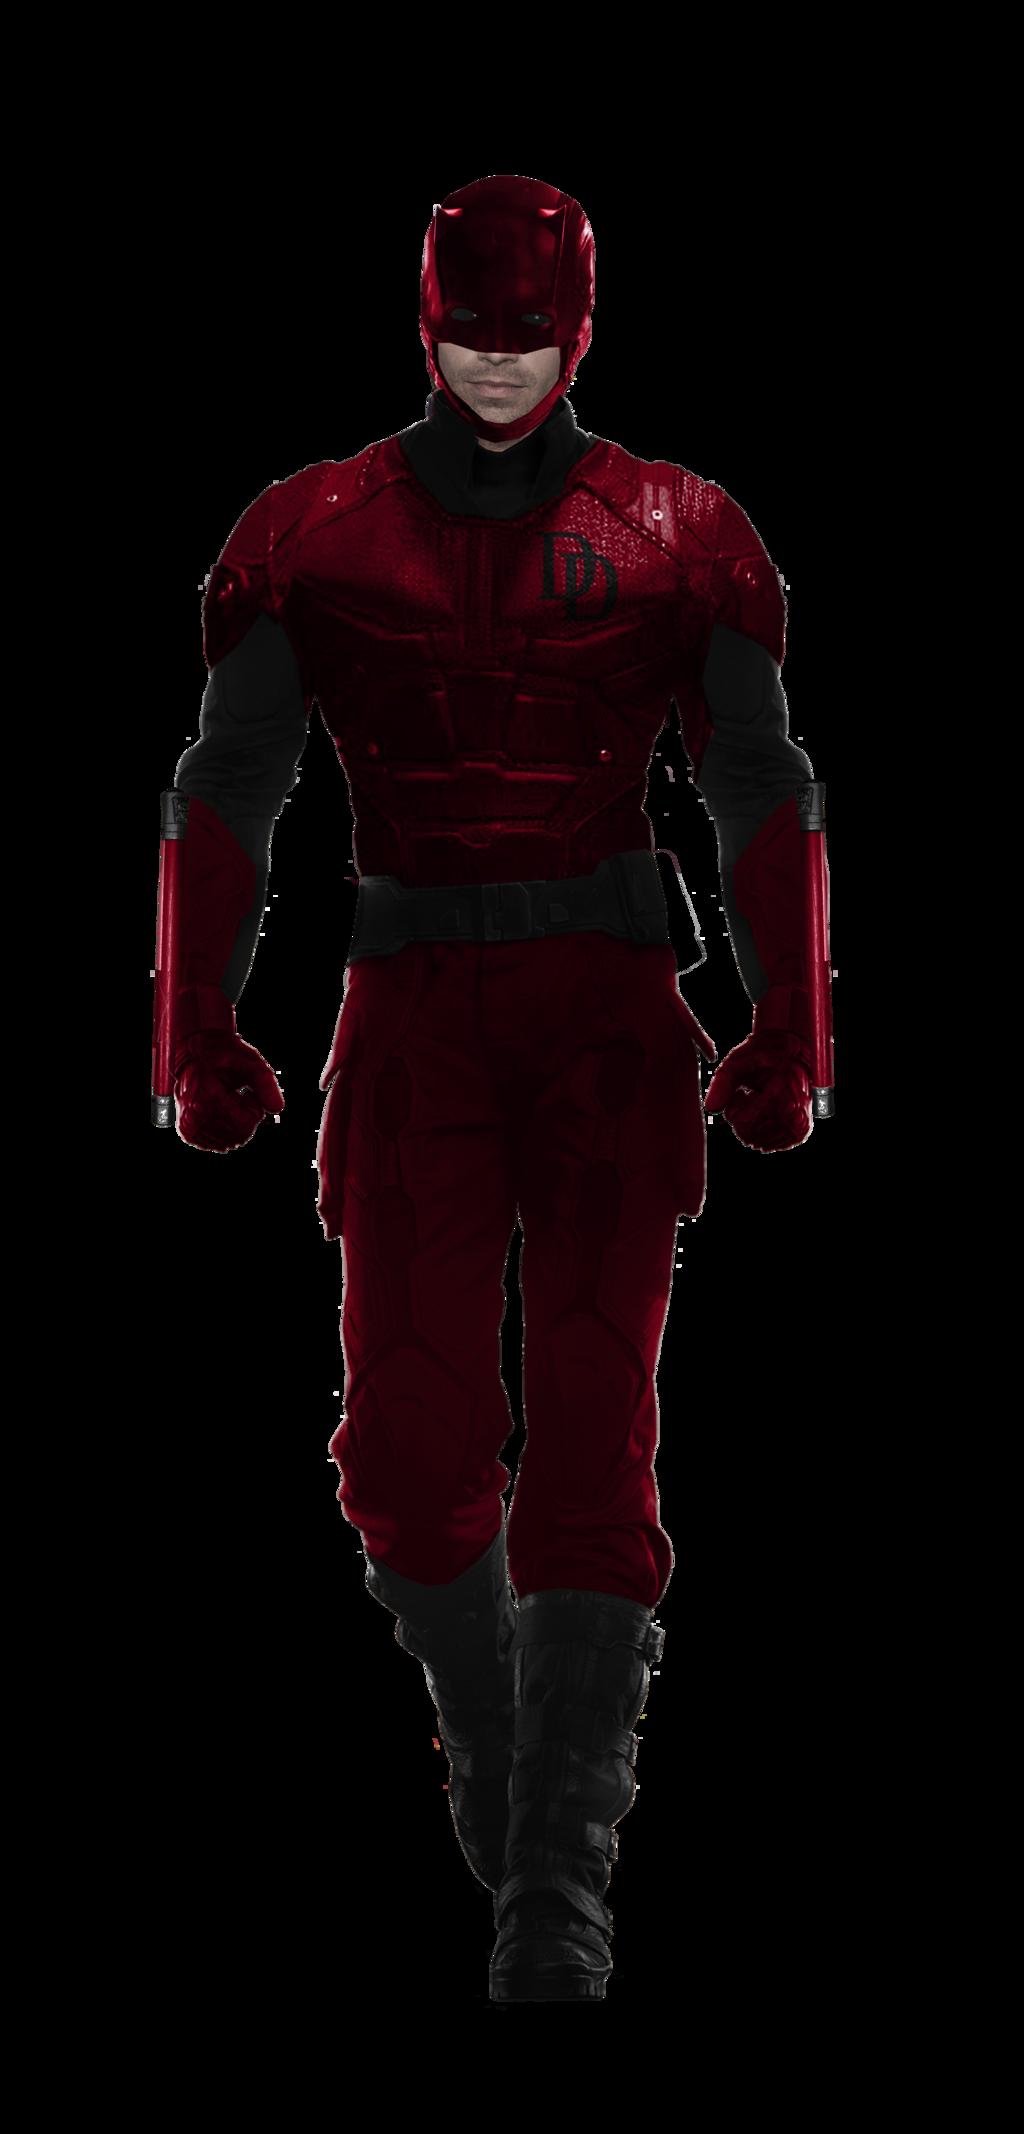 Daredevil Transparent PNG Image - Daredevil HD PNG